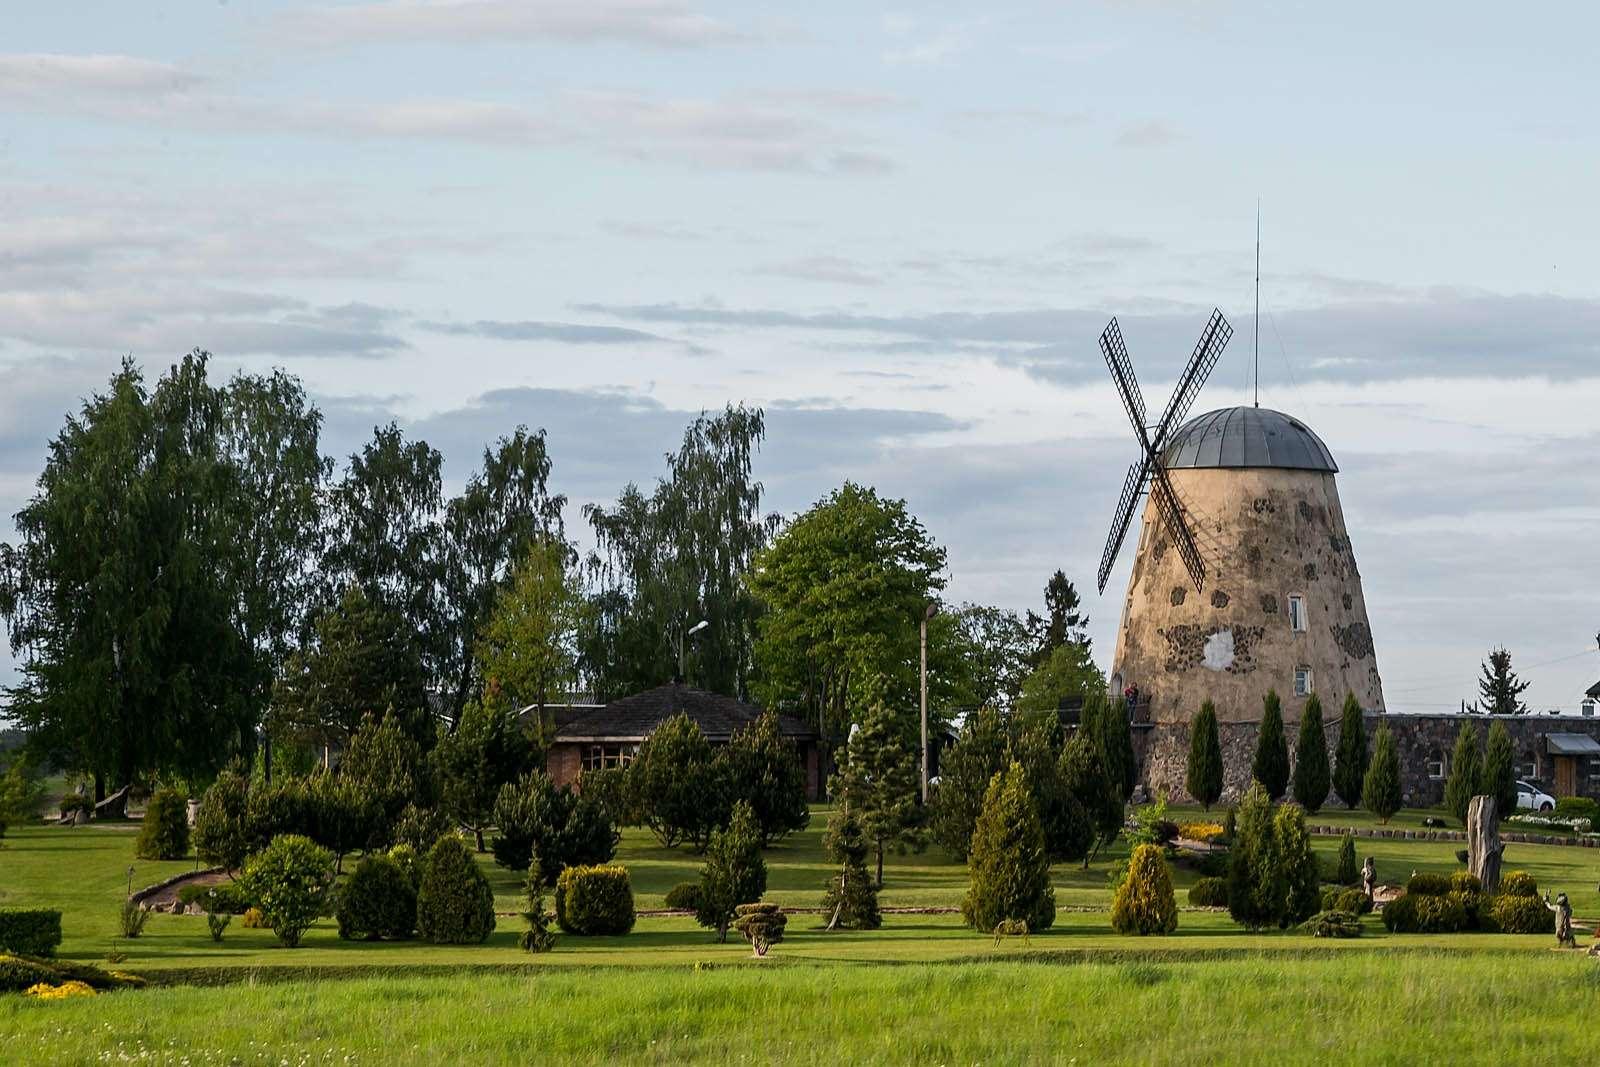 Одна издостопримечательностей города Обяляй вРокишкском районе Паневежского уезда Литвы